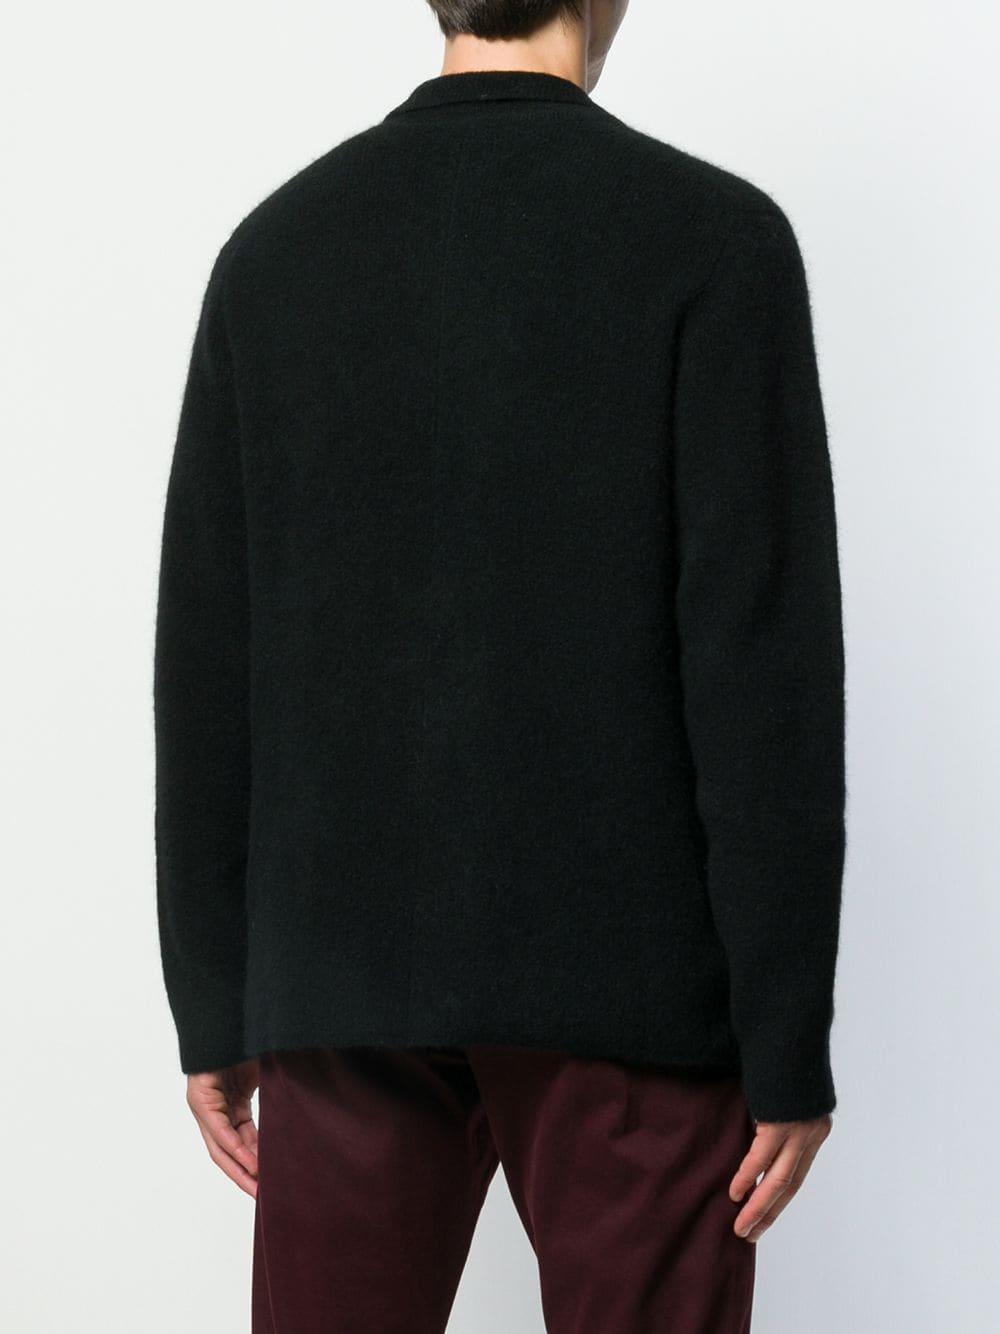 Roberto Collina Wol Vest Met Dubbele Rij Knopen in het Zwart voor heren